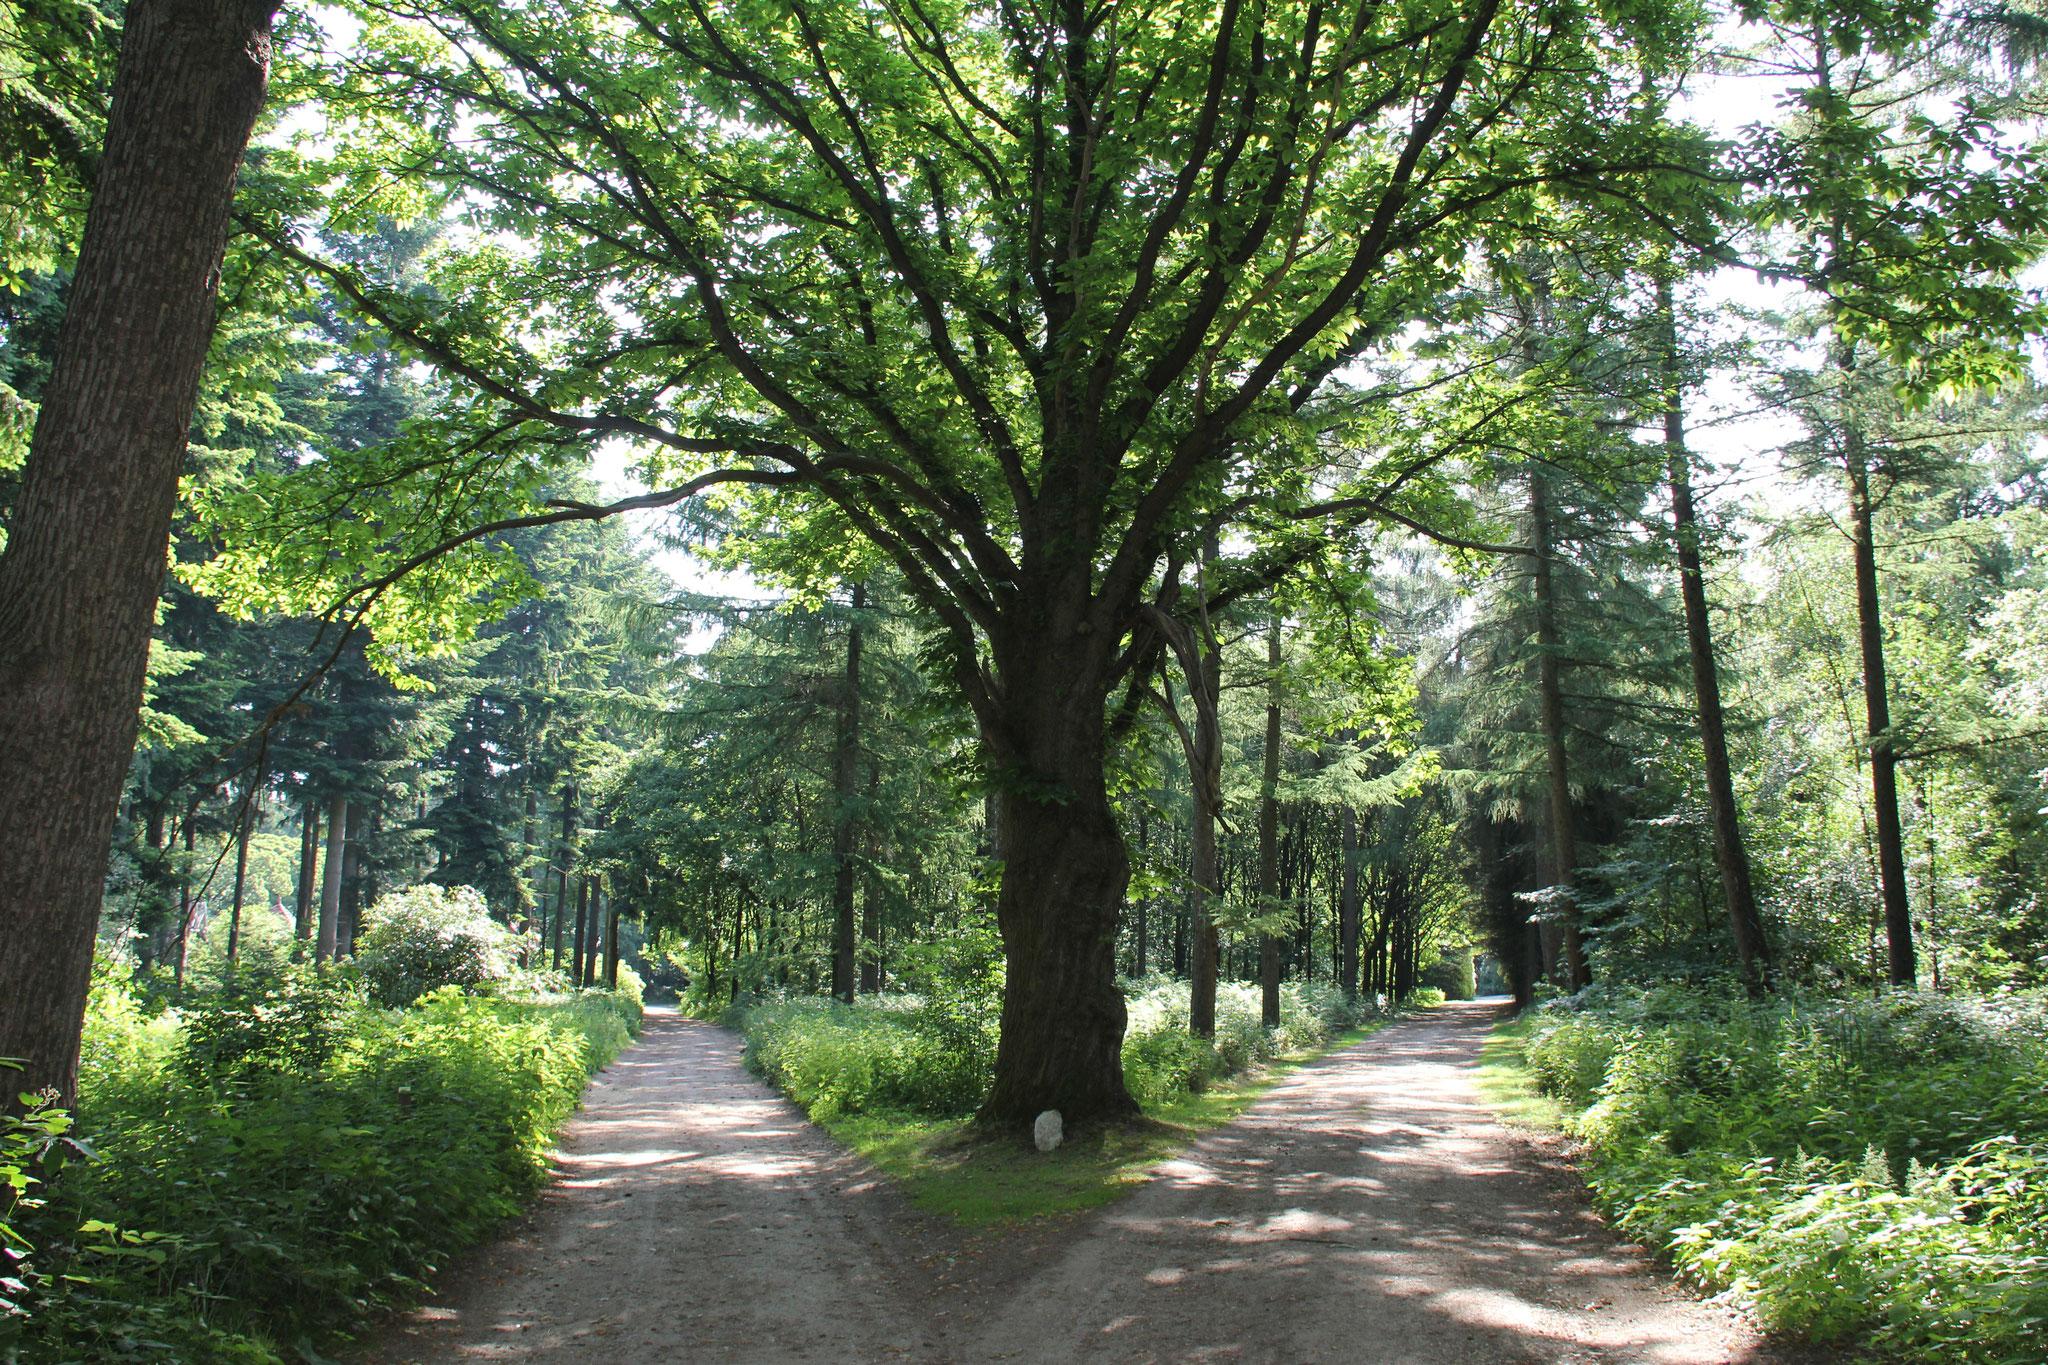 Zicht op het begin van de druppelvormige laan, geaccentueerd door een solitaire boom.